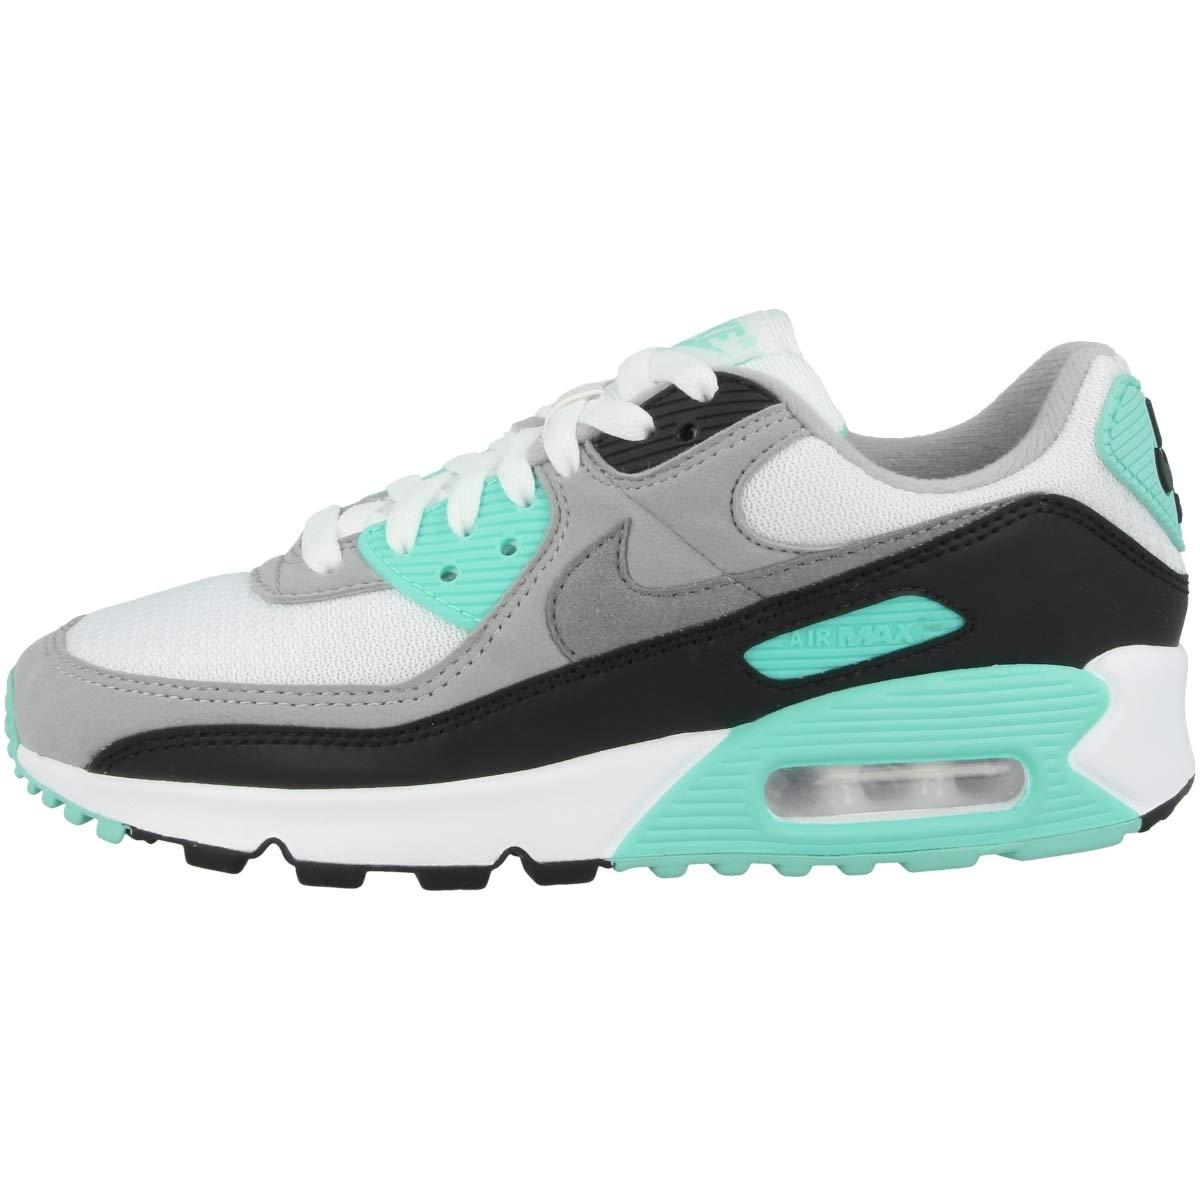 Nike W Air MAX 90, Zapatillas para Correr para Mujer, Blanco/Partícula Gris/Voltio/Negro, 35.5 EU: Amazon.es: Zapatos y complementos